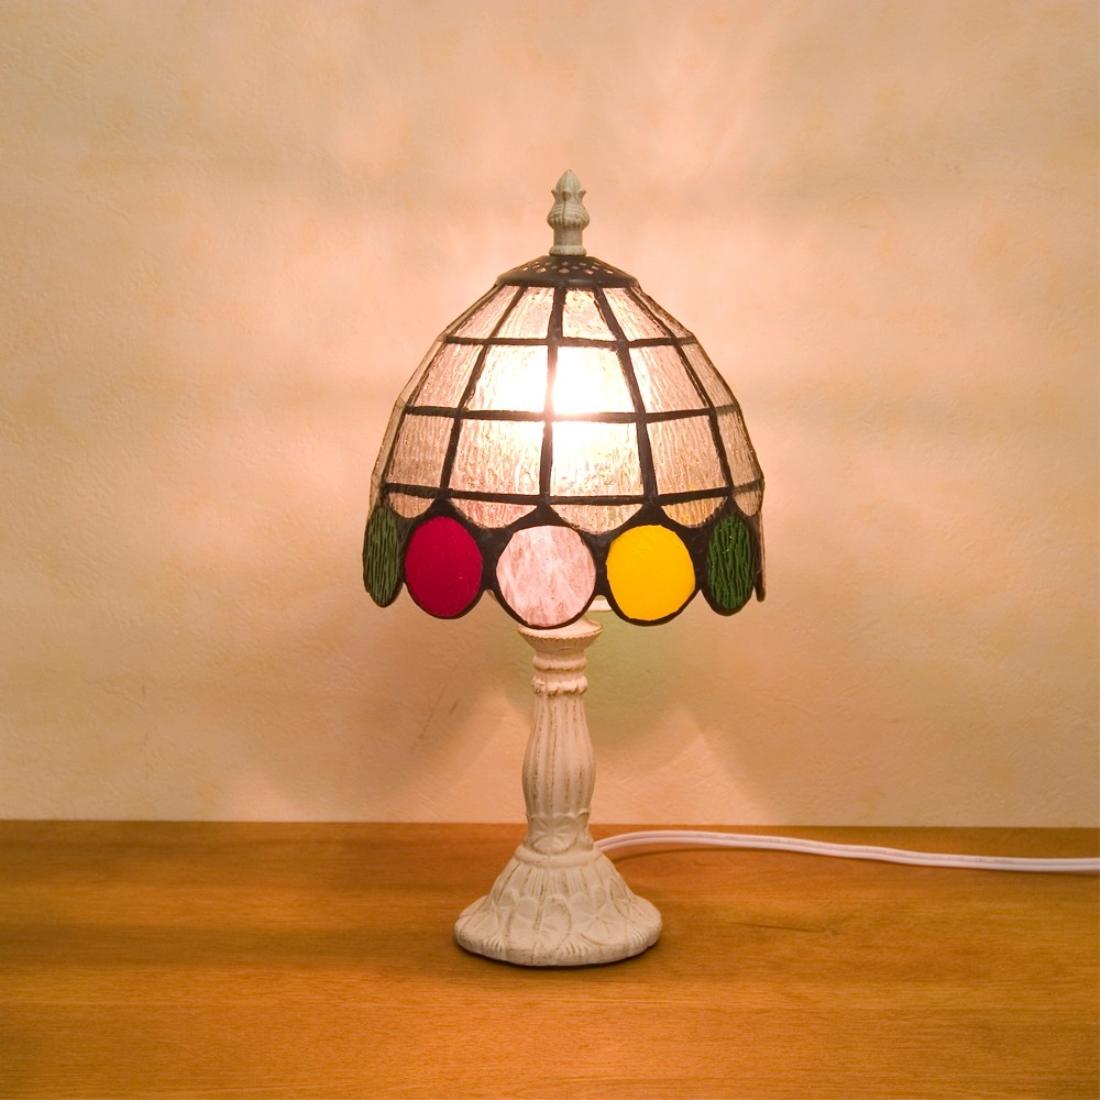 部屋 おしゃれ レトロ 家具 【置照明】ティファニー [テーブルランプ ドット]LED対応<E12/水雷型>ステンドグラス テーブルランプ